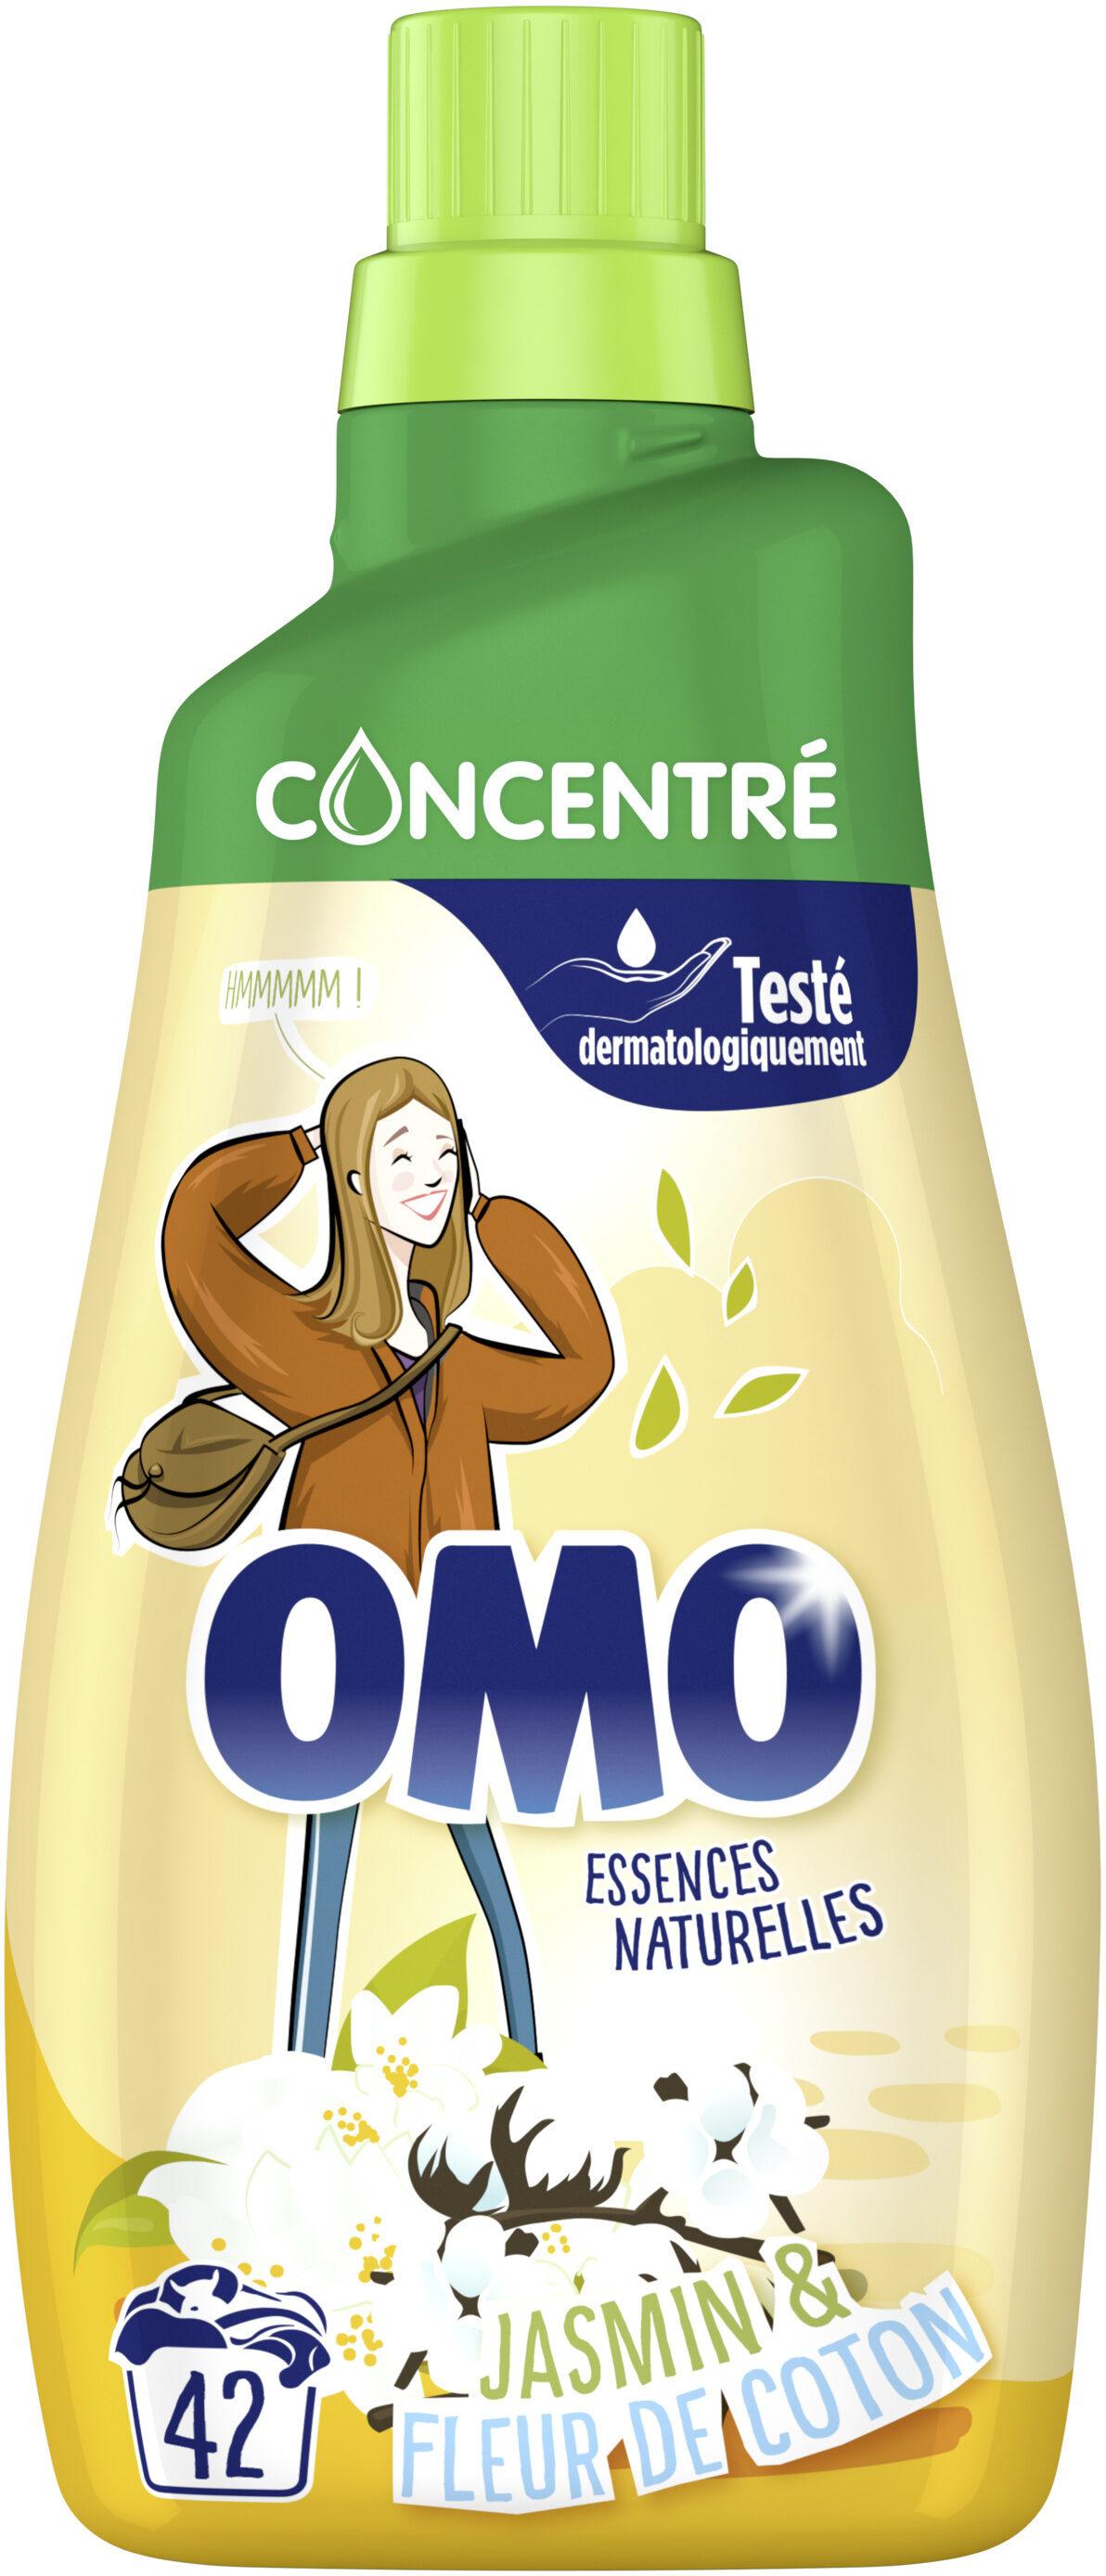 Omo Lessive Liquide Jasmin & Fleur de Coton 1,47l 42 Lavages - Product - fr